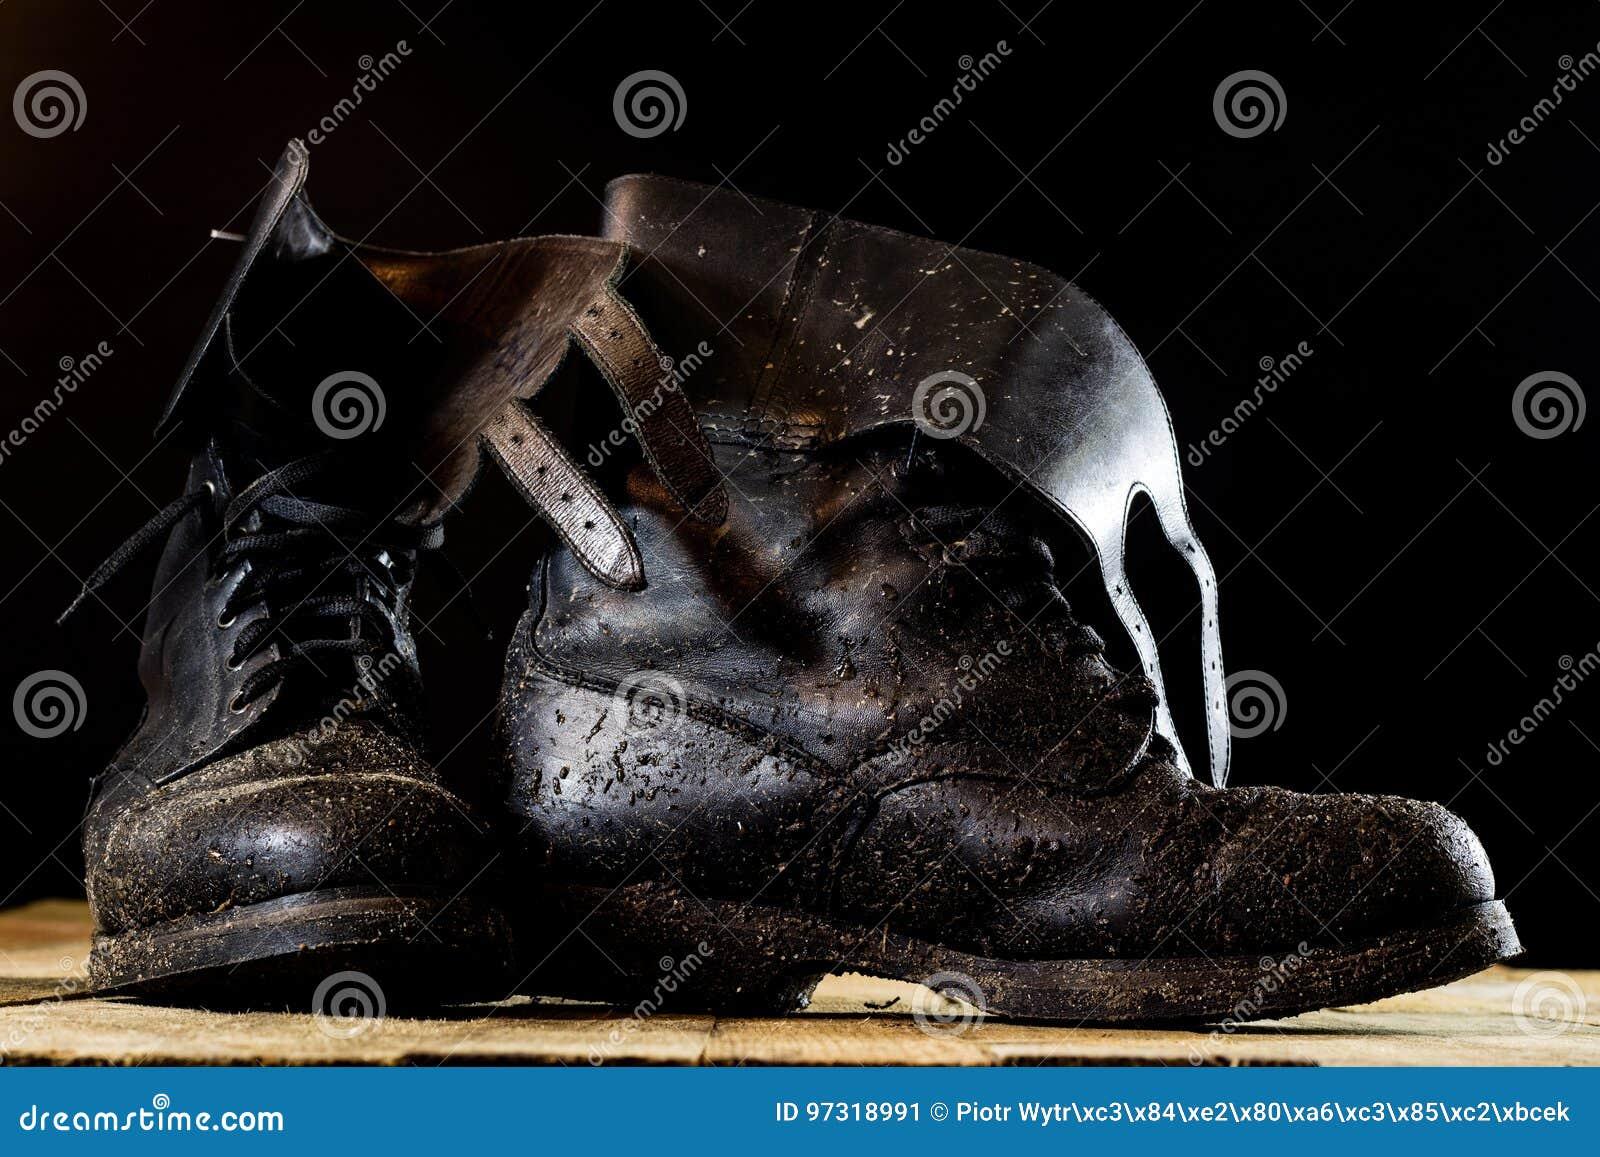 Schlammige Alte Militärstiefel Schwarze Farbe Schmutzige Sohlen